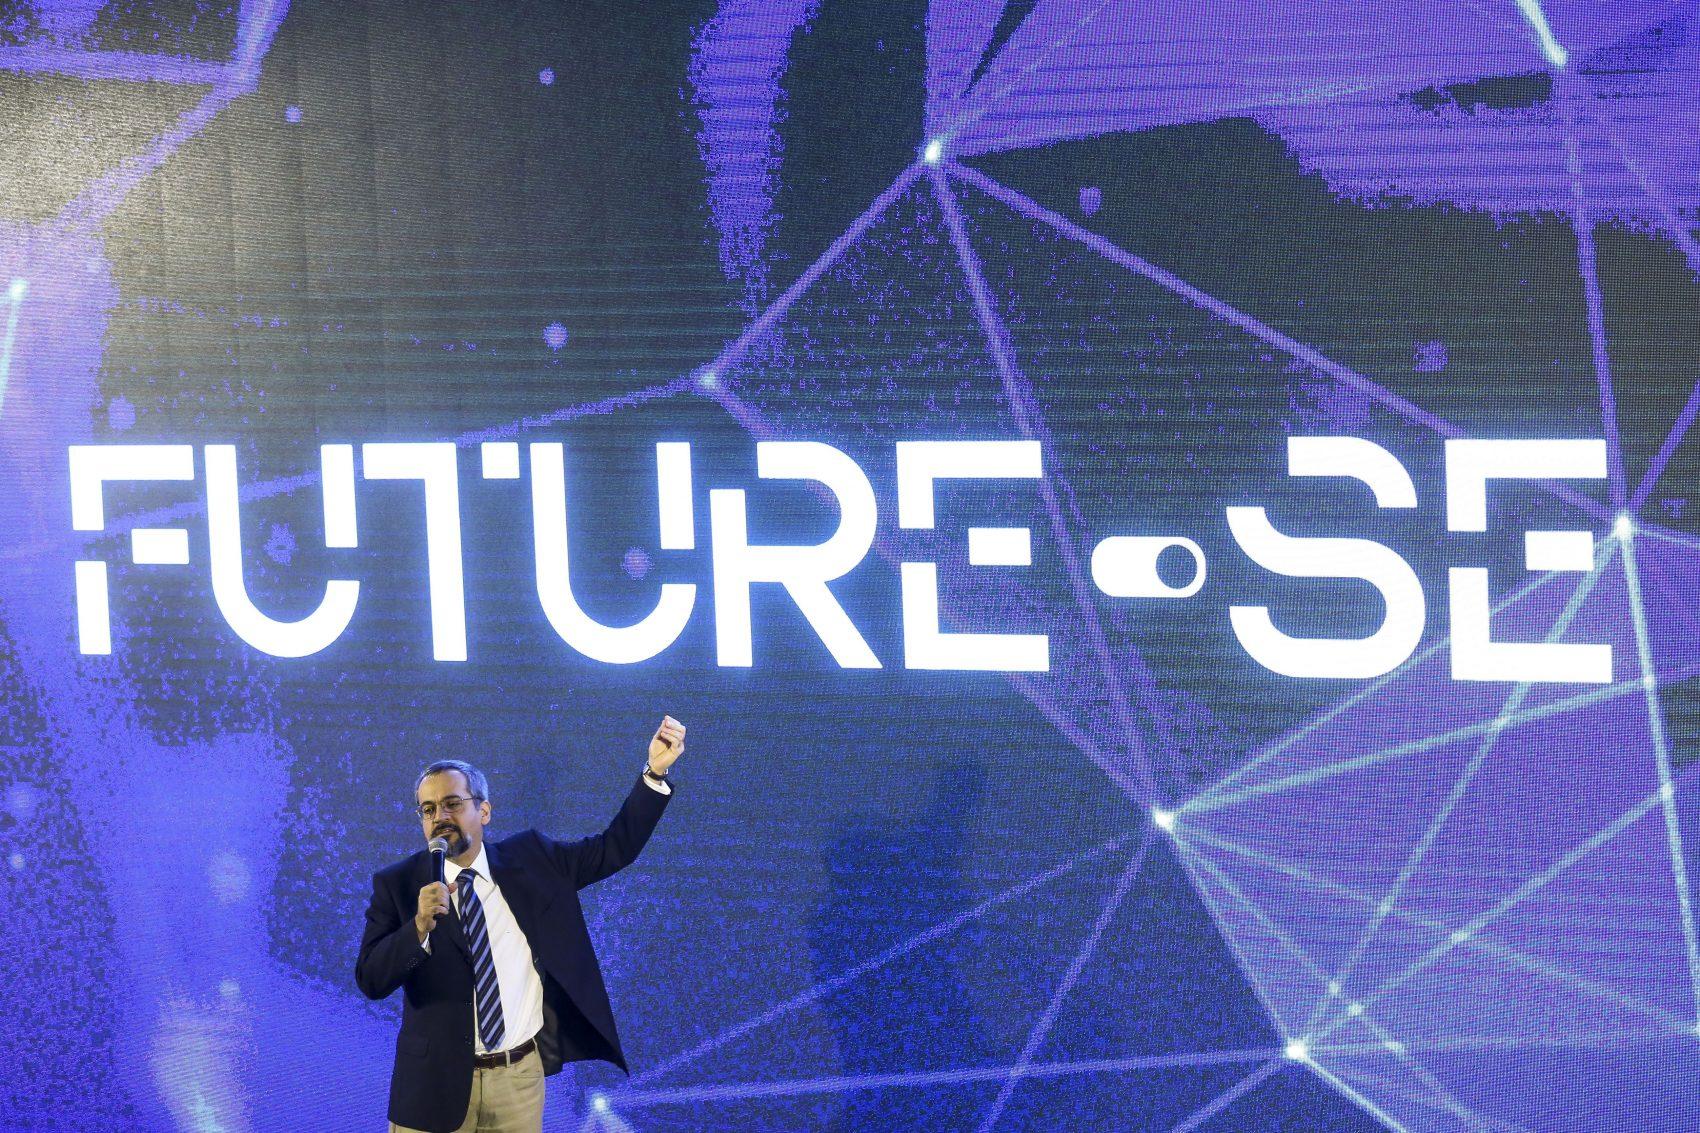 O ministro da Educação, Abraham Weintraub, durante apresentação do programa Future-se: críticas de reitores, professores e estudantes (Foto: Marcelo Camargo/Agência Brasil)